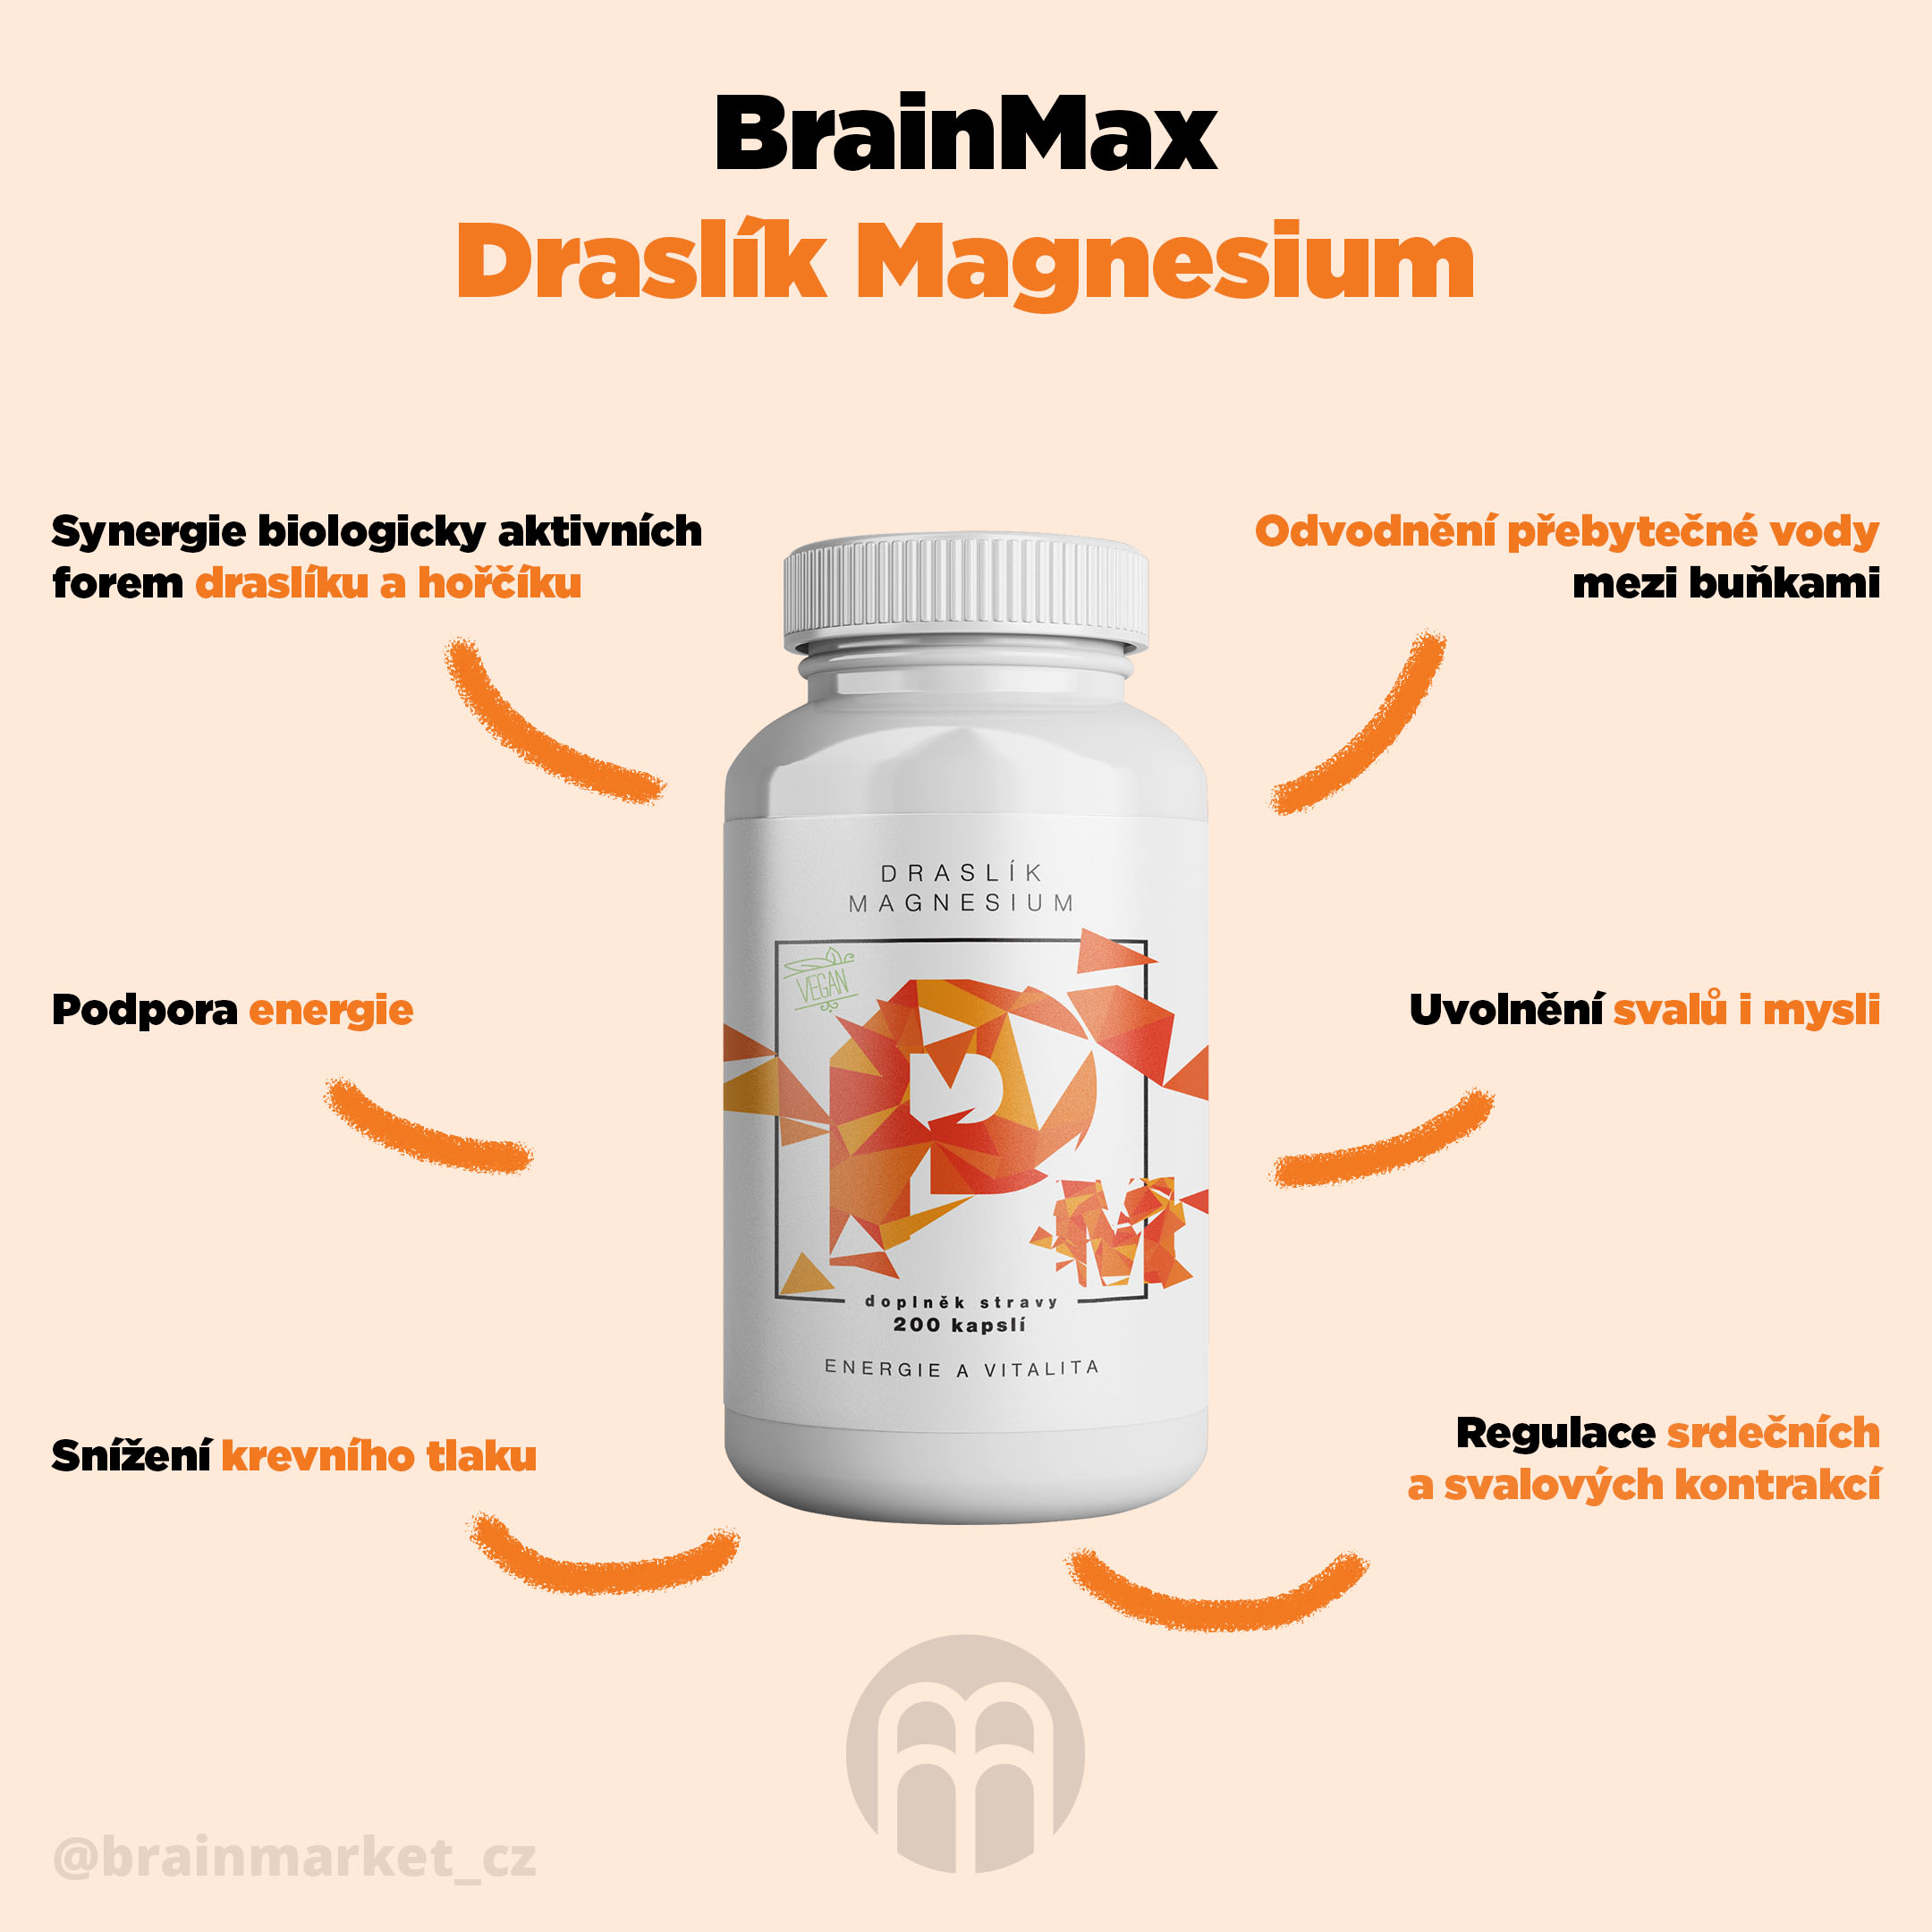 BrainMax Draslík Magnesium